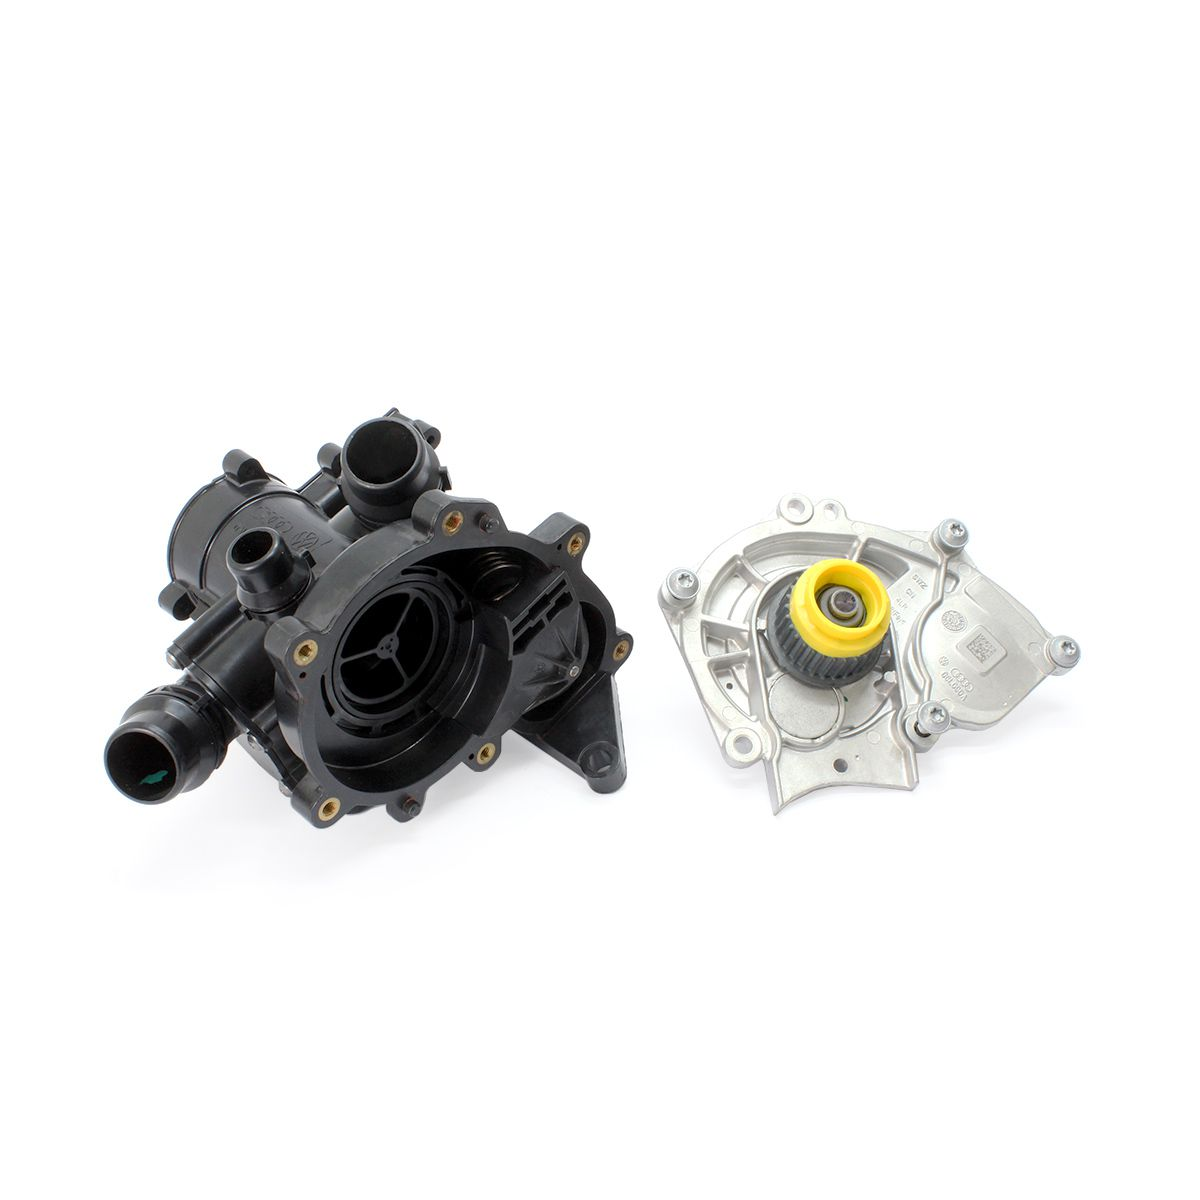 Bomba De Água Com Válvula Termostática e Correia - AUDI VW